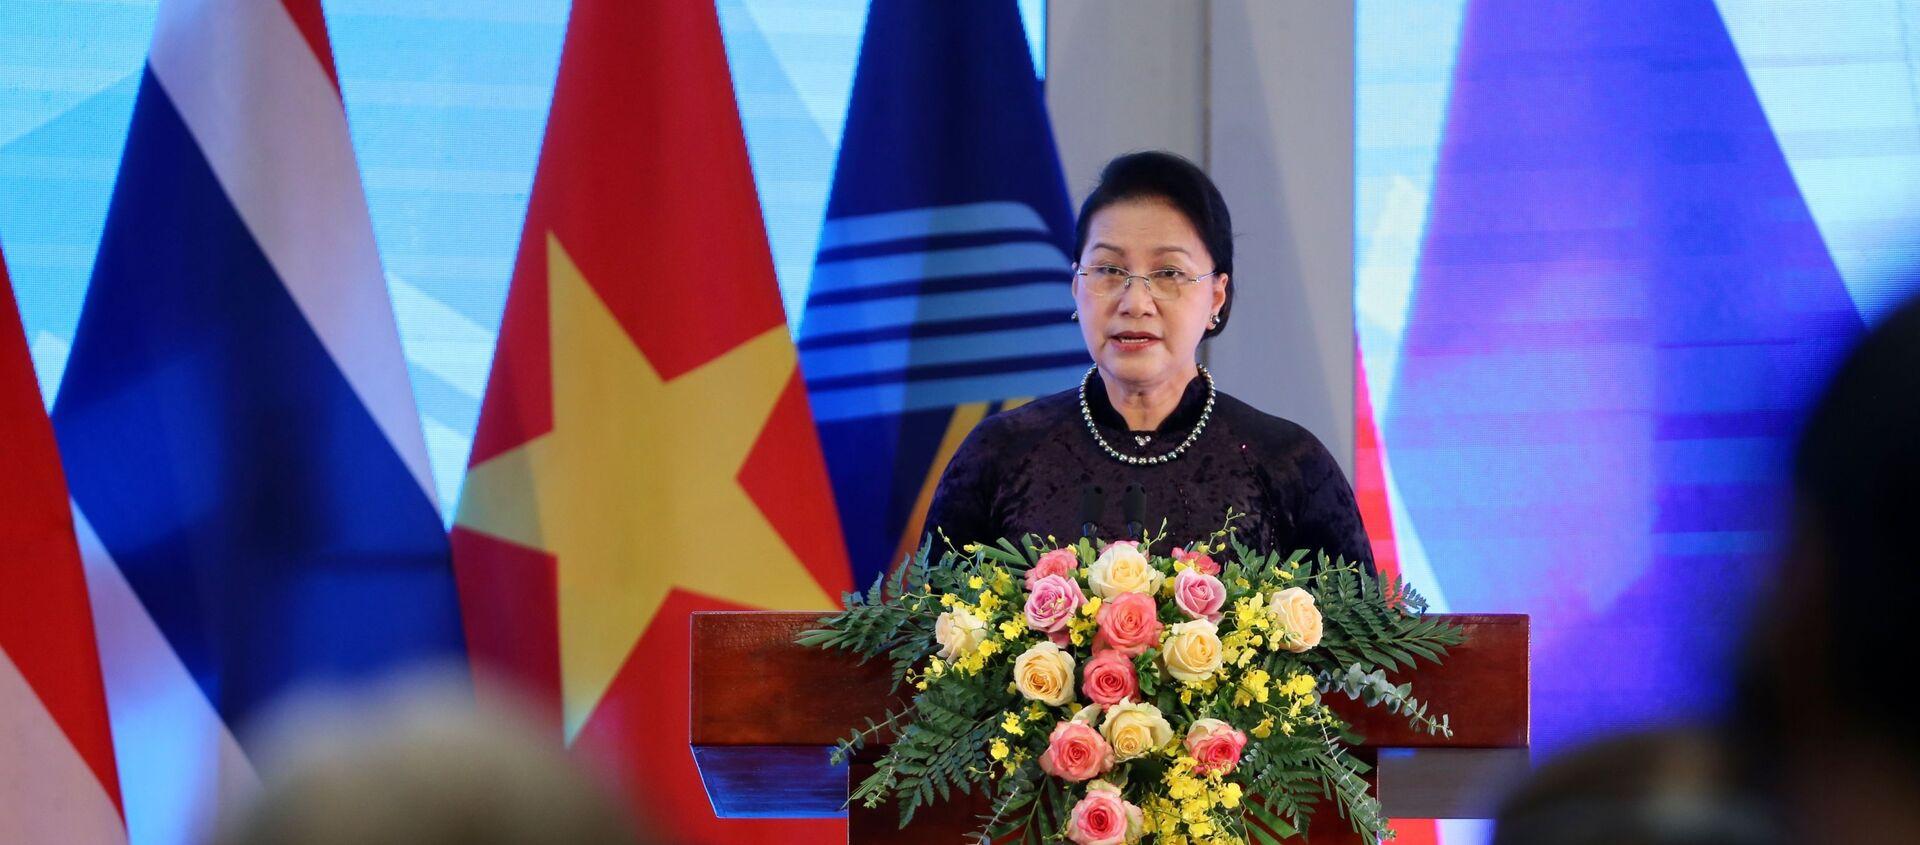 Chủ tịch Quốc hội Nguyễn Thị Kim Ngân, Chủ tịch AIPA 41 phát biểu bế mạc. - Sputnik Việt Nam, 1920, 10.09.2020